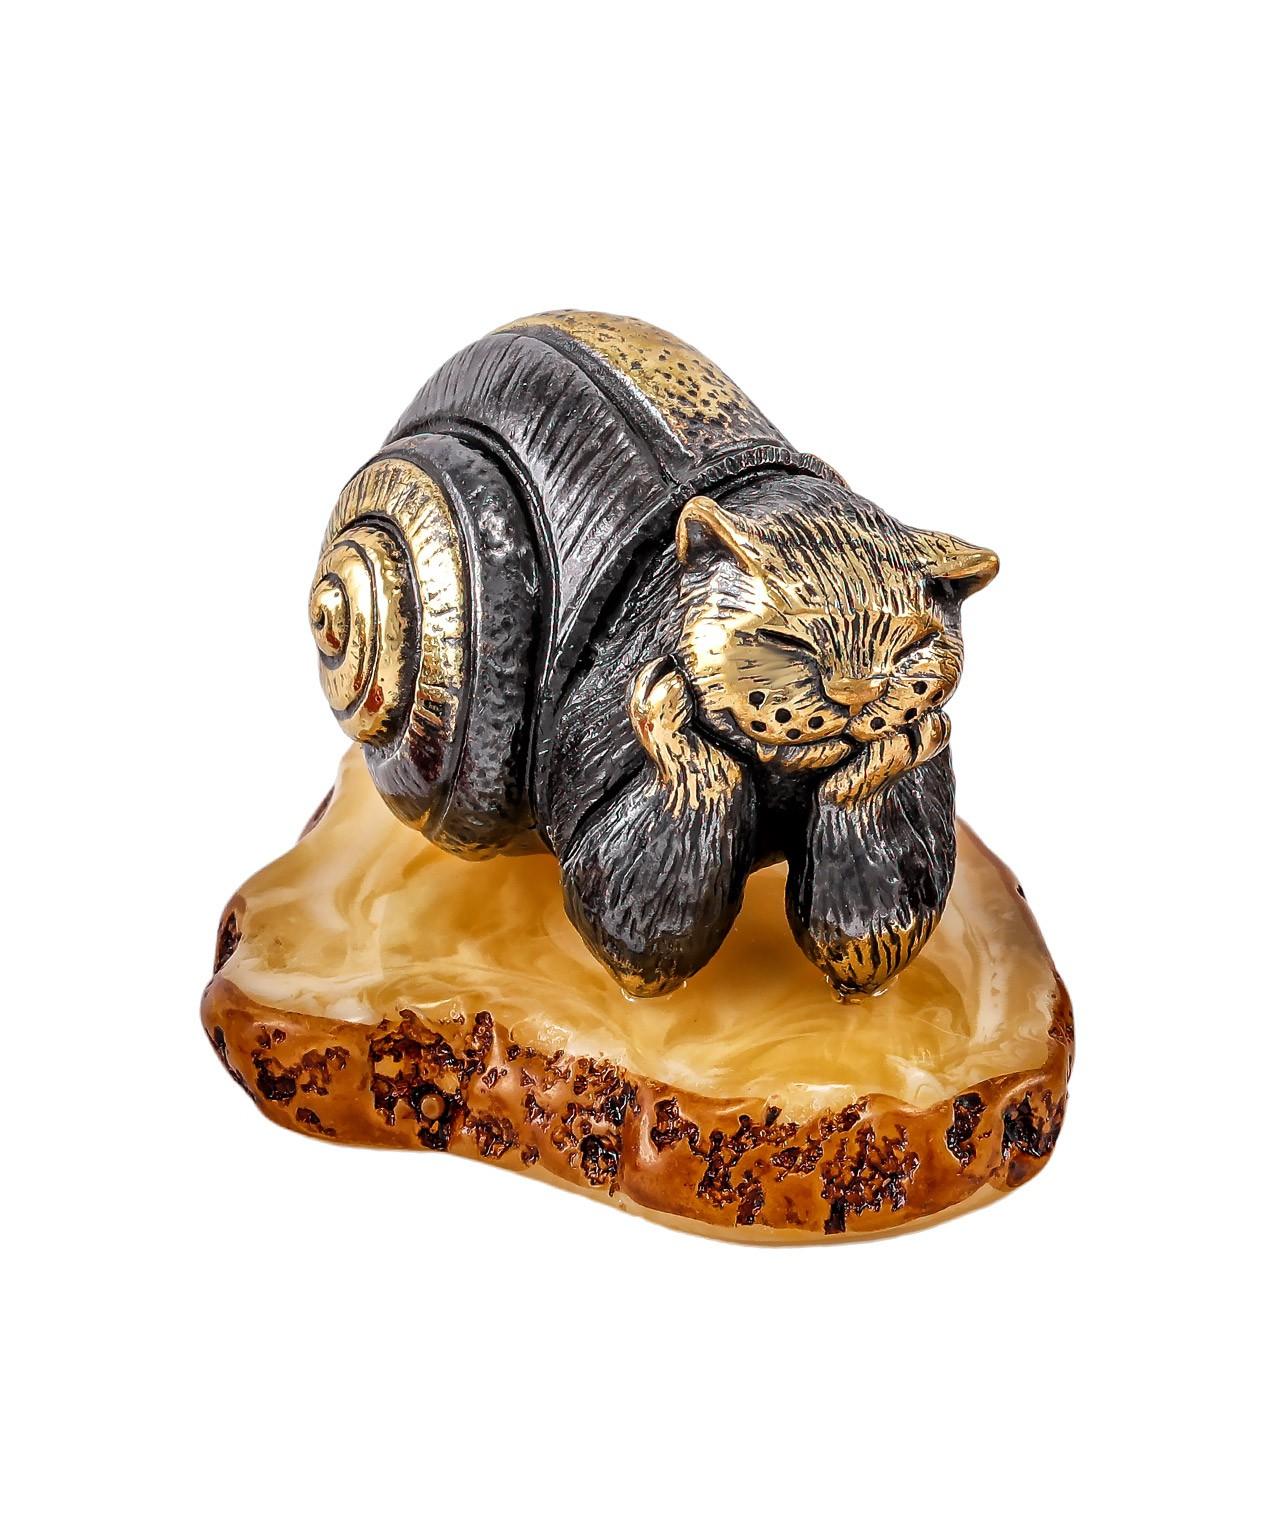 Кот в панцире 1799